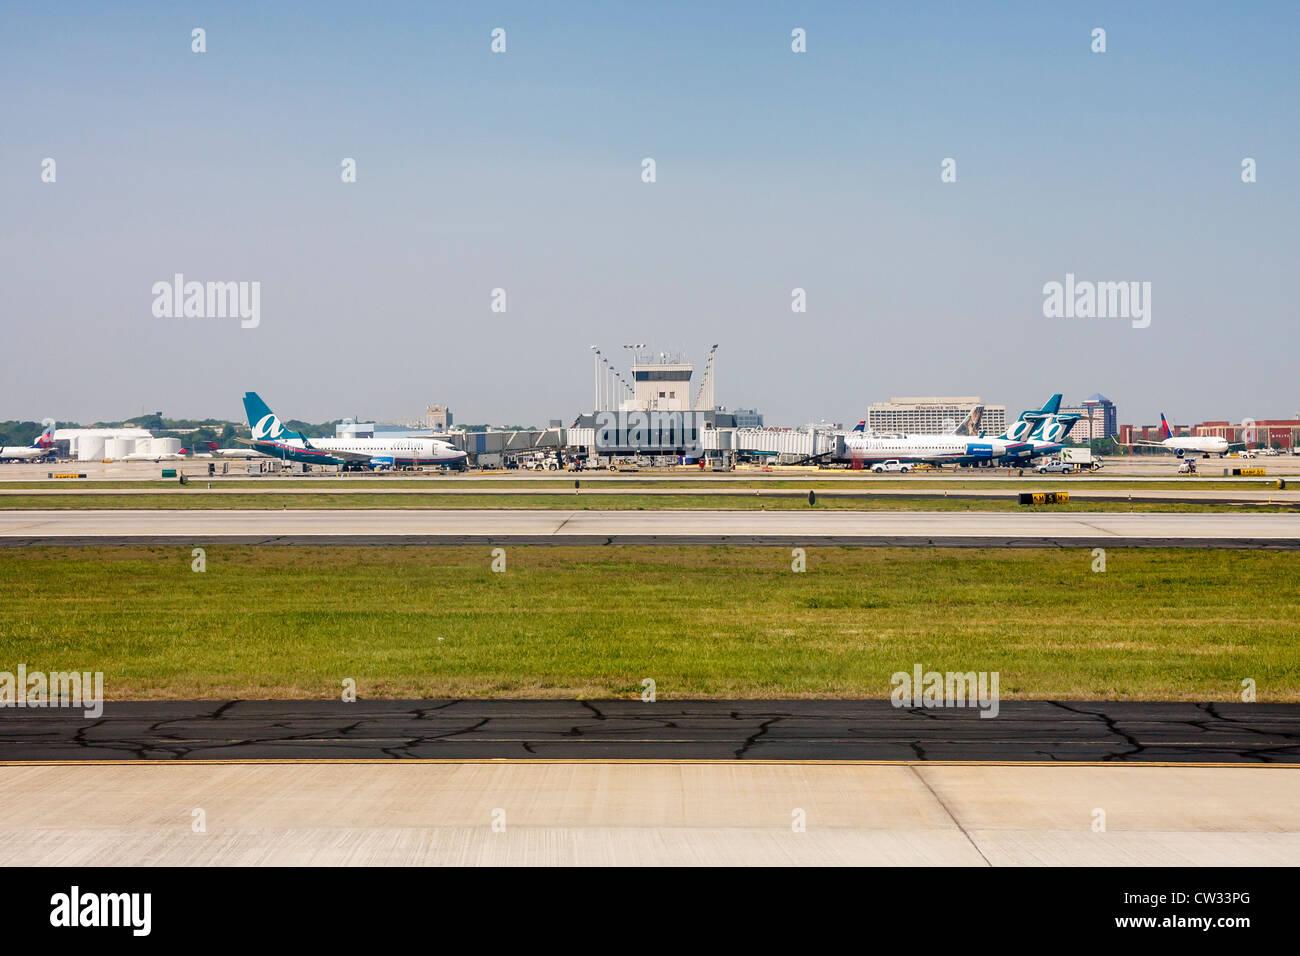 Airtran airplanes at gates at Atlanta Hartsfield Airport - Stock Image